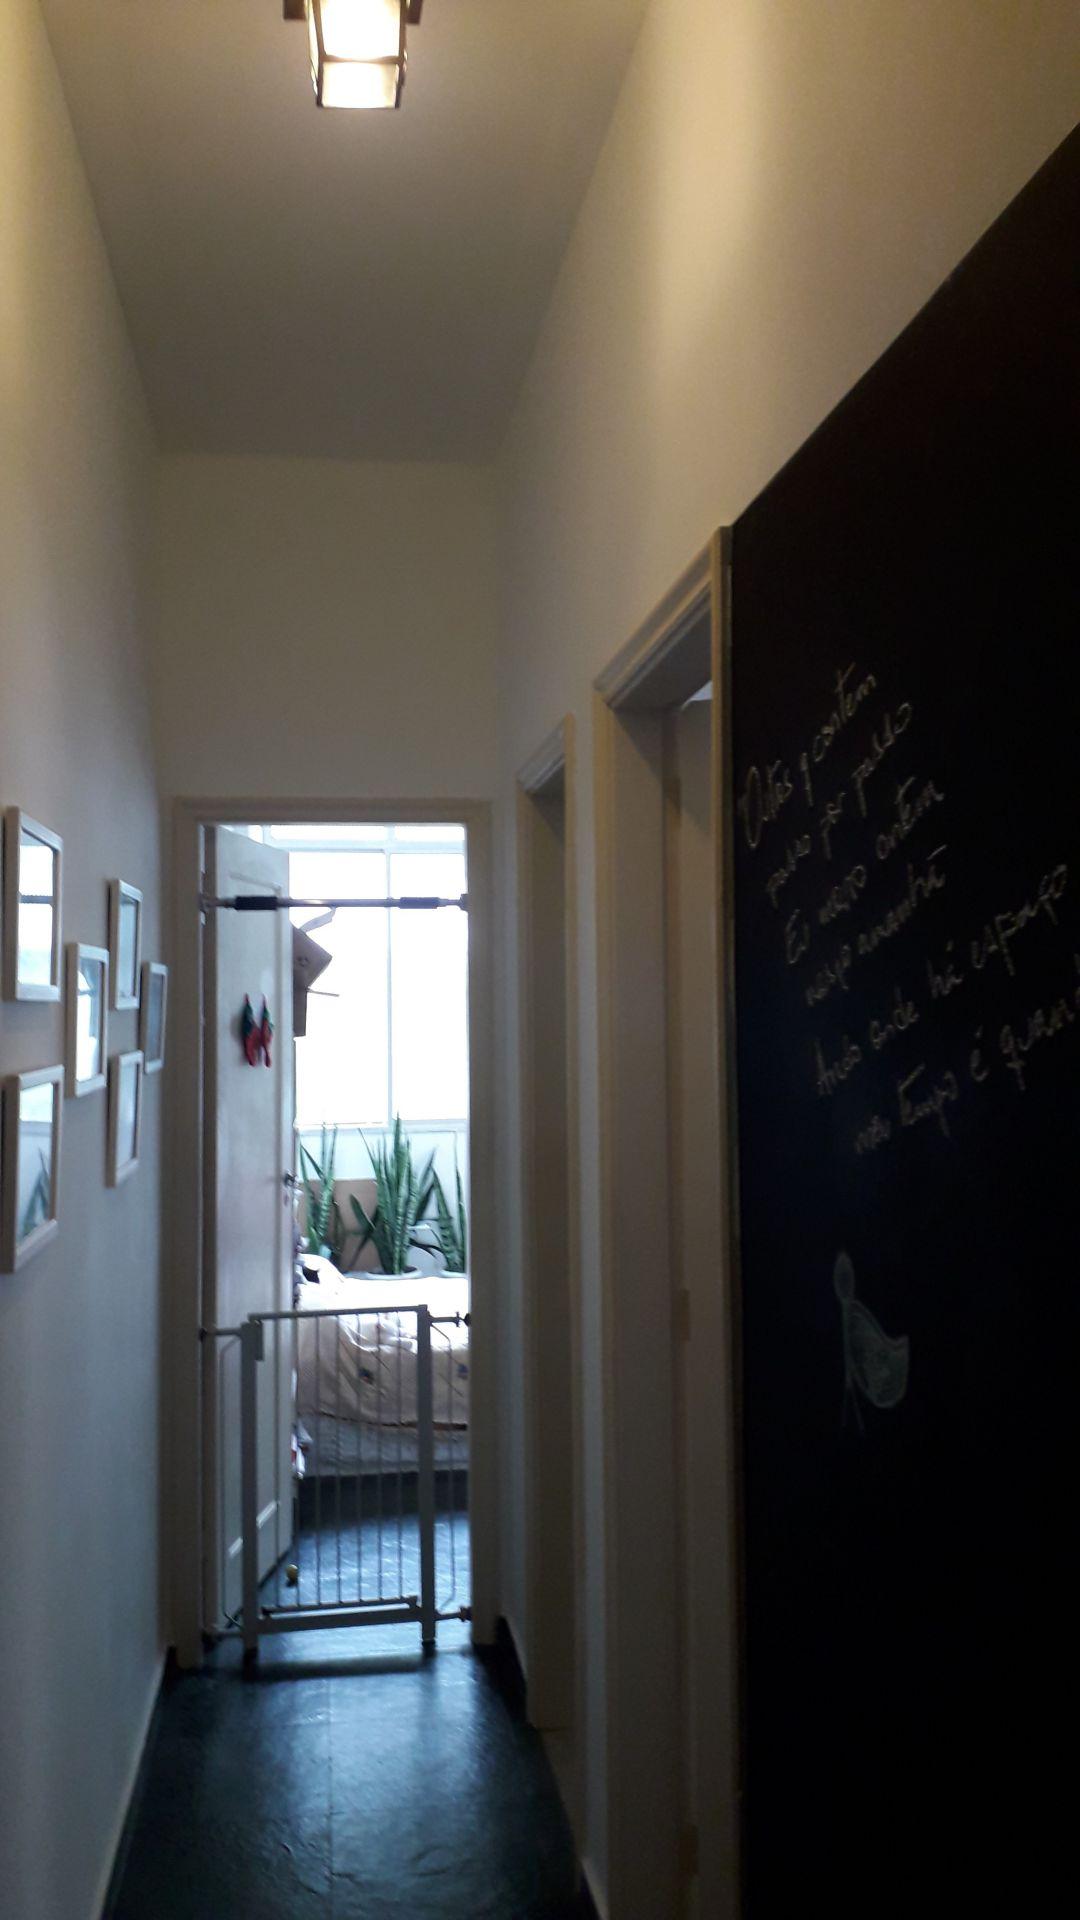 CIRCULAÇÃO - Apartamento Rua visconde de santa isabel,Grajaú, Grajaú,Rio de Janeiro, RJ À Venda, 2 Quartos, 59m² - 000484 - 20